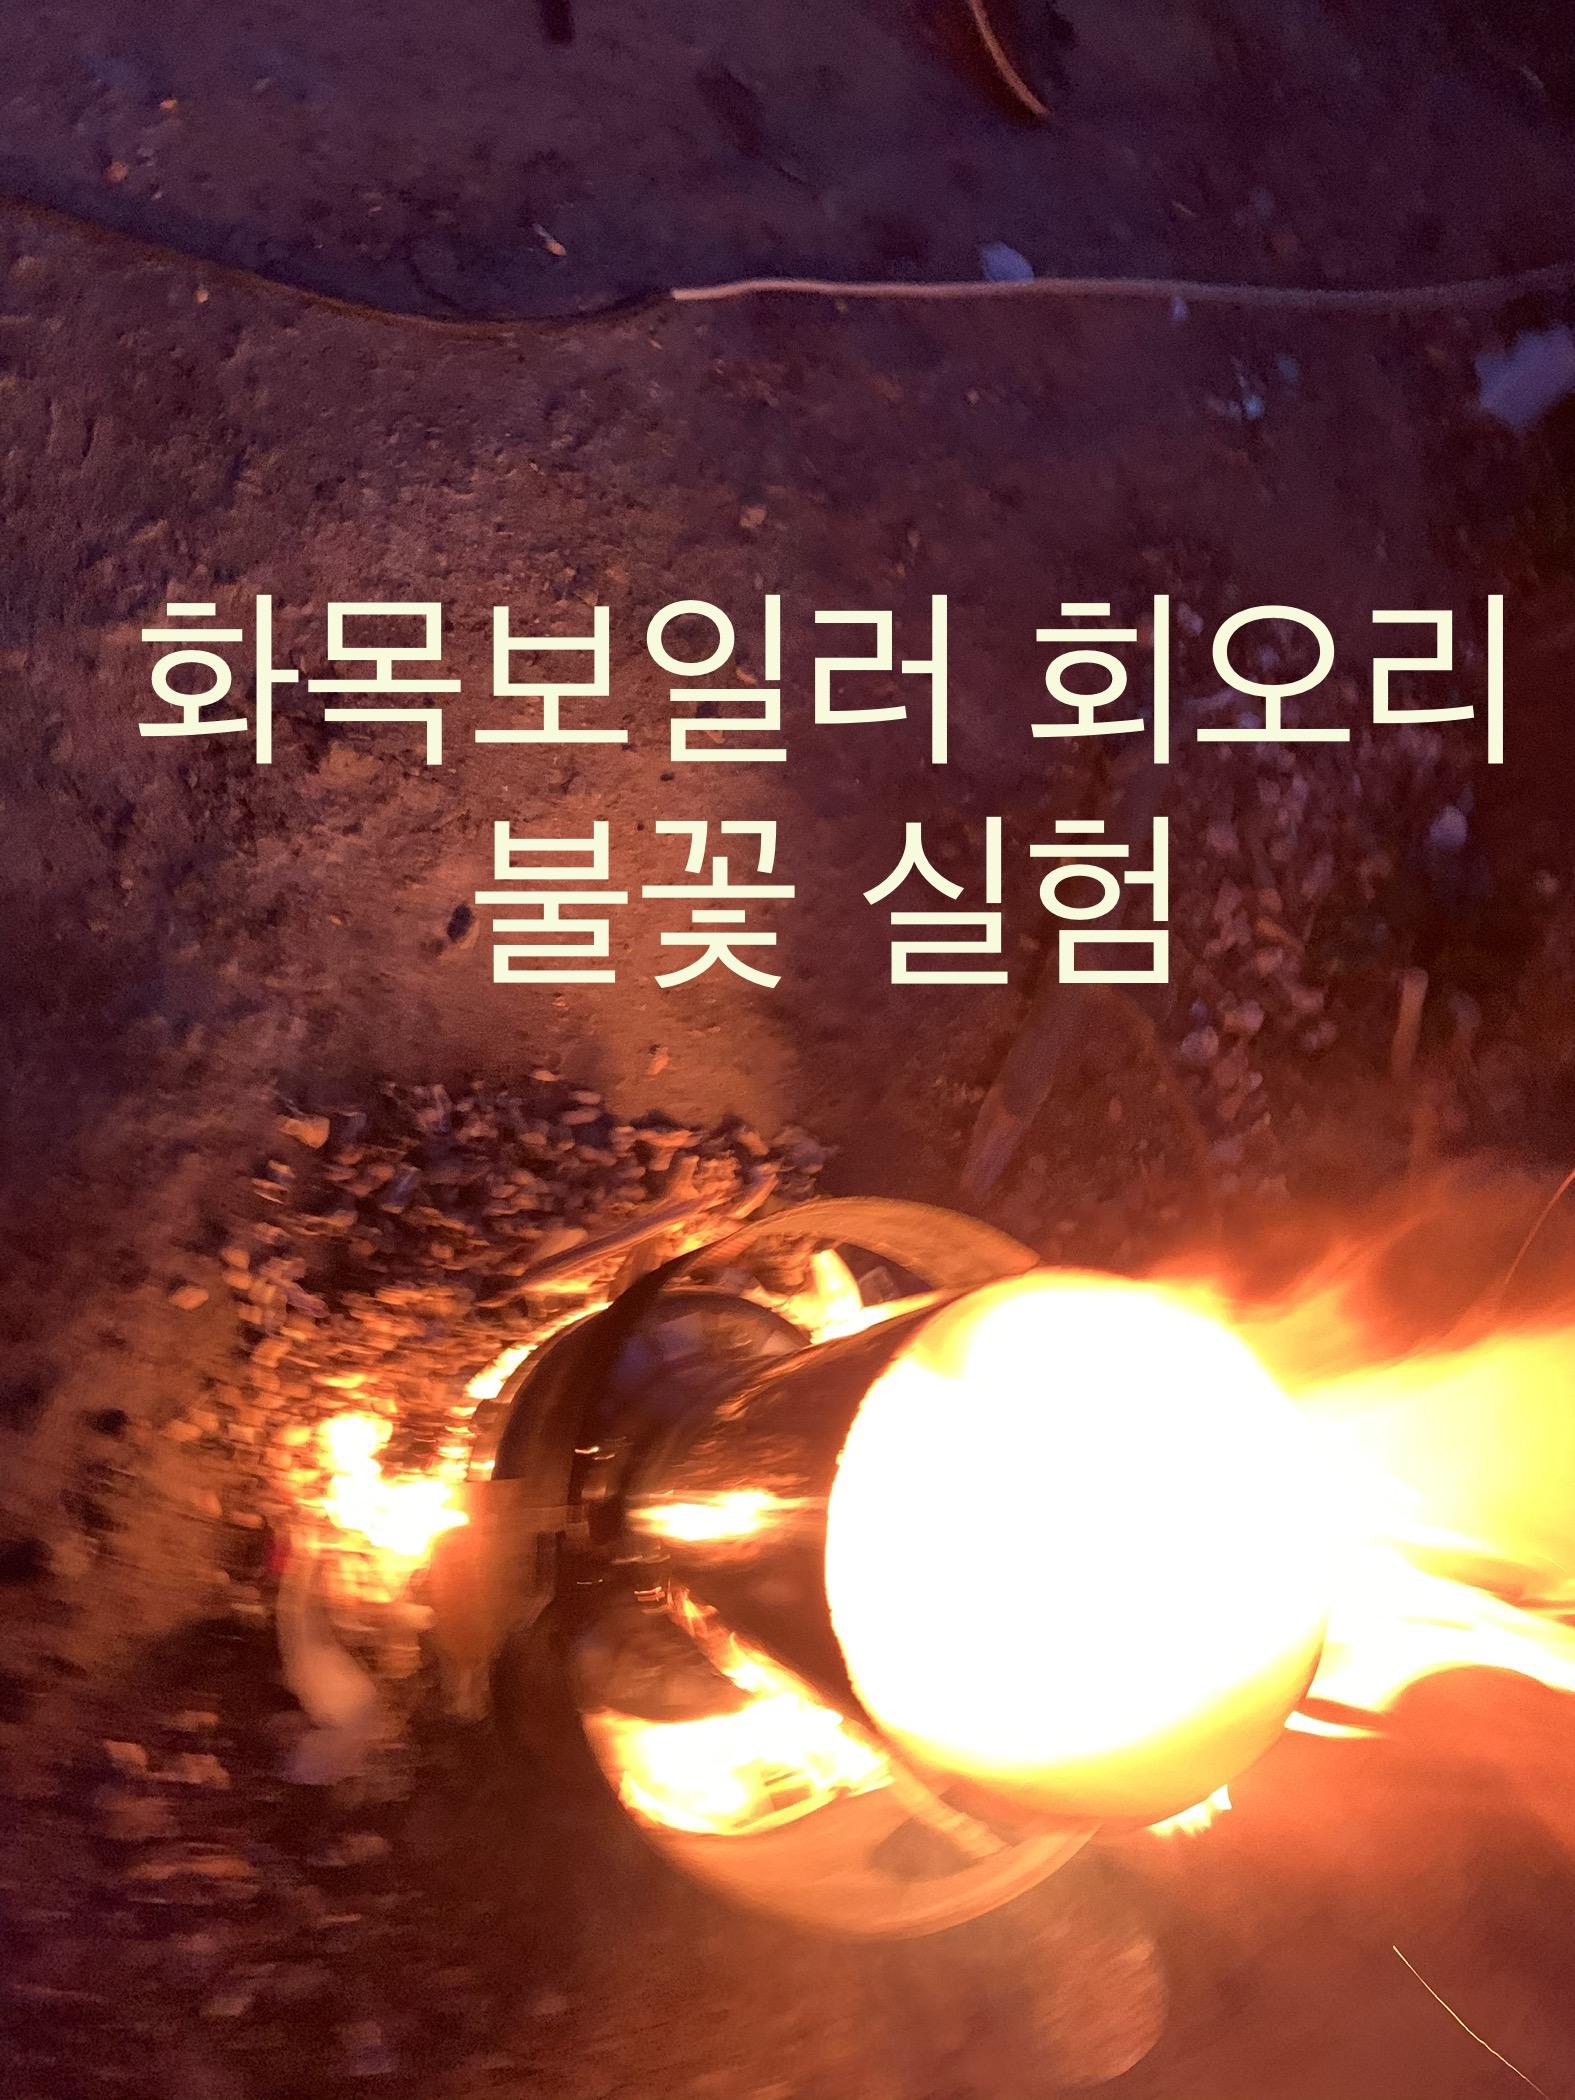 화목보일러와 난로를 만드는 중 회오리 불꽃 실험장치